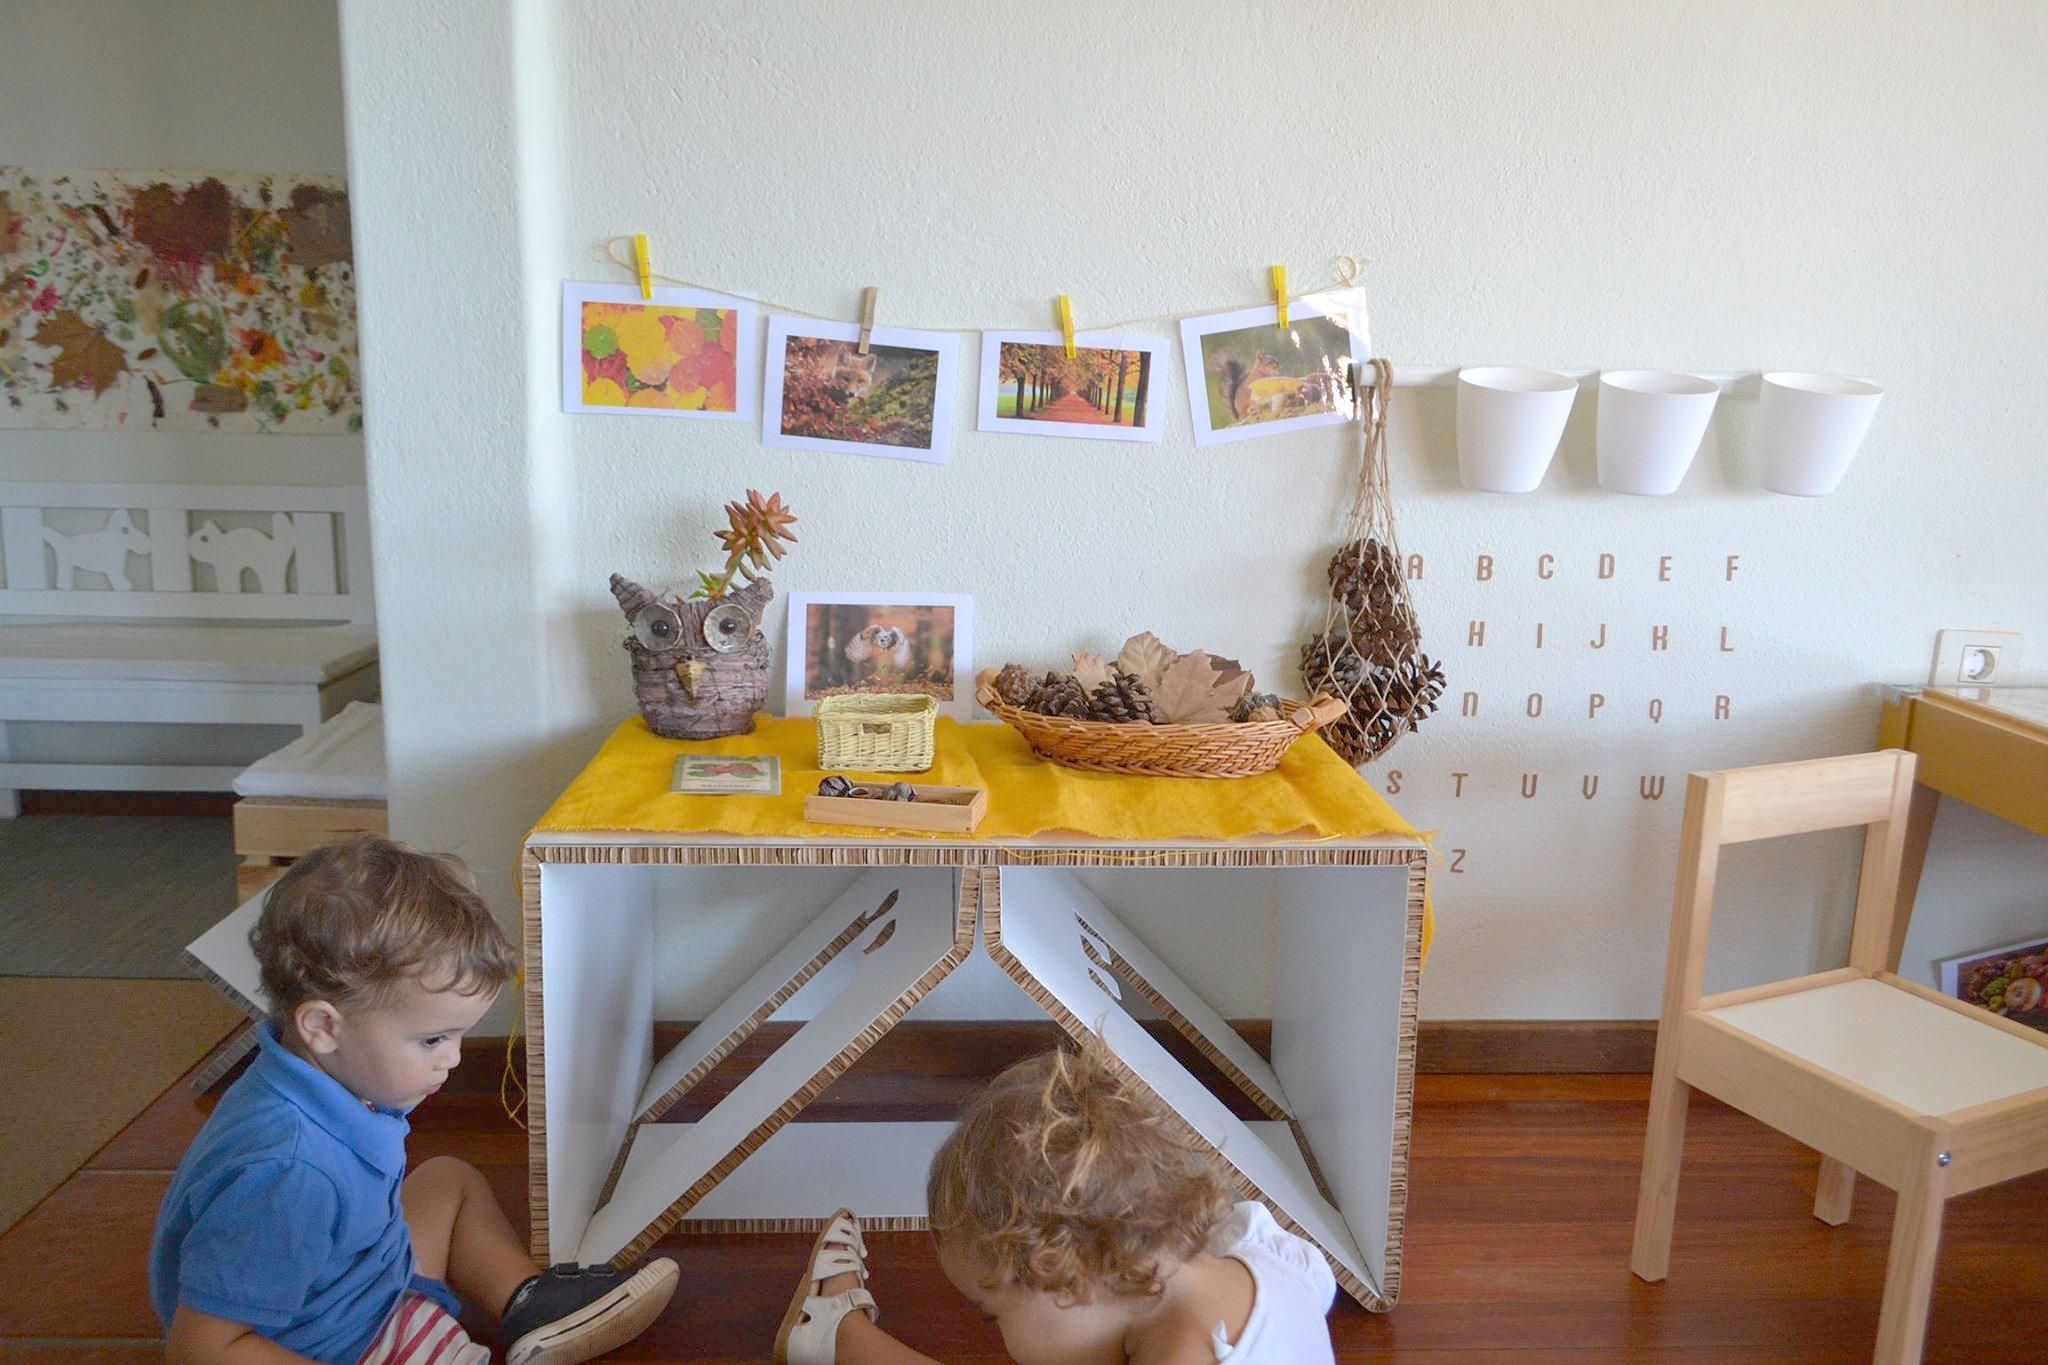 muebles-de-carton-colegio-cardboard-furniture-school-miuniverso-lanzarote